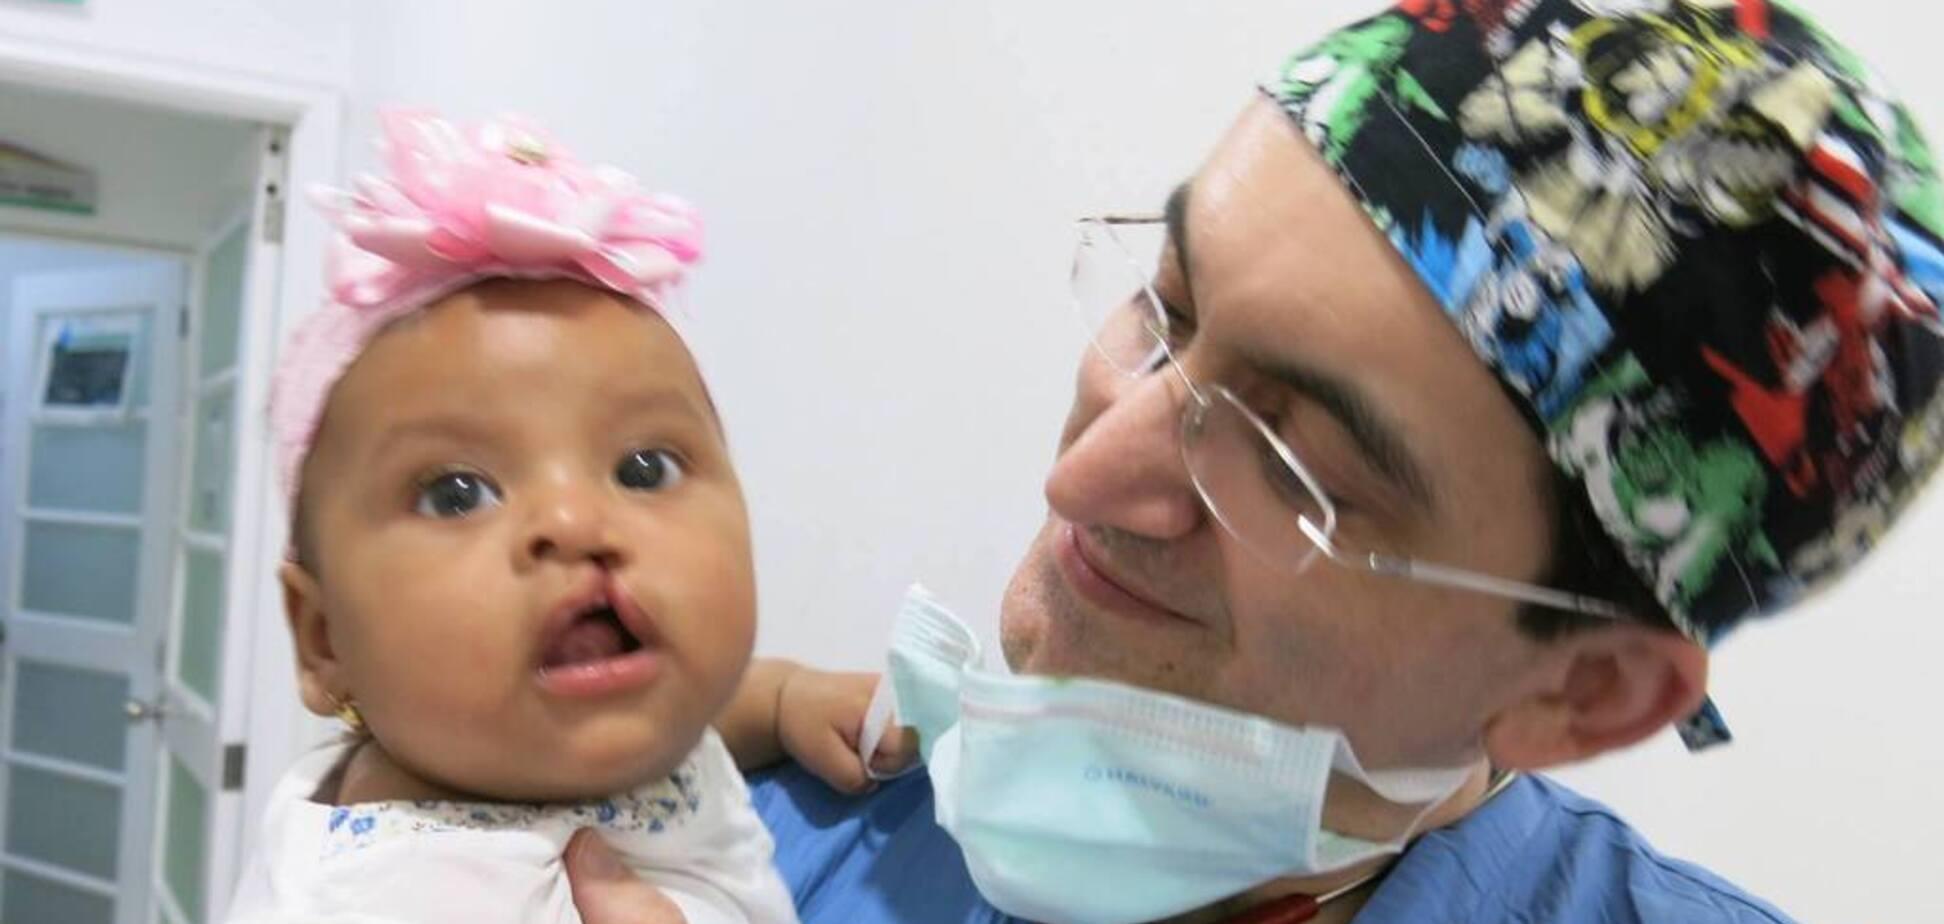 Хірурги з Києва та колеги з США безкоштовно проведуть операції дітям з патологією 'заяча губа' - КМДА